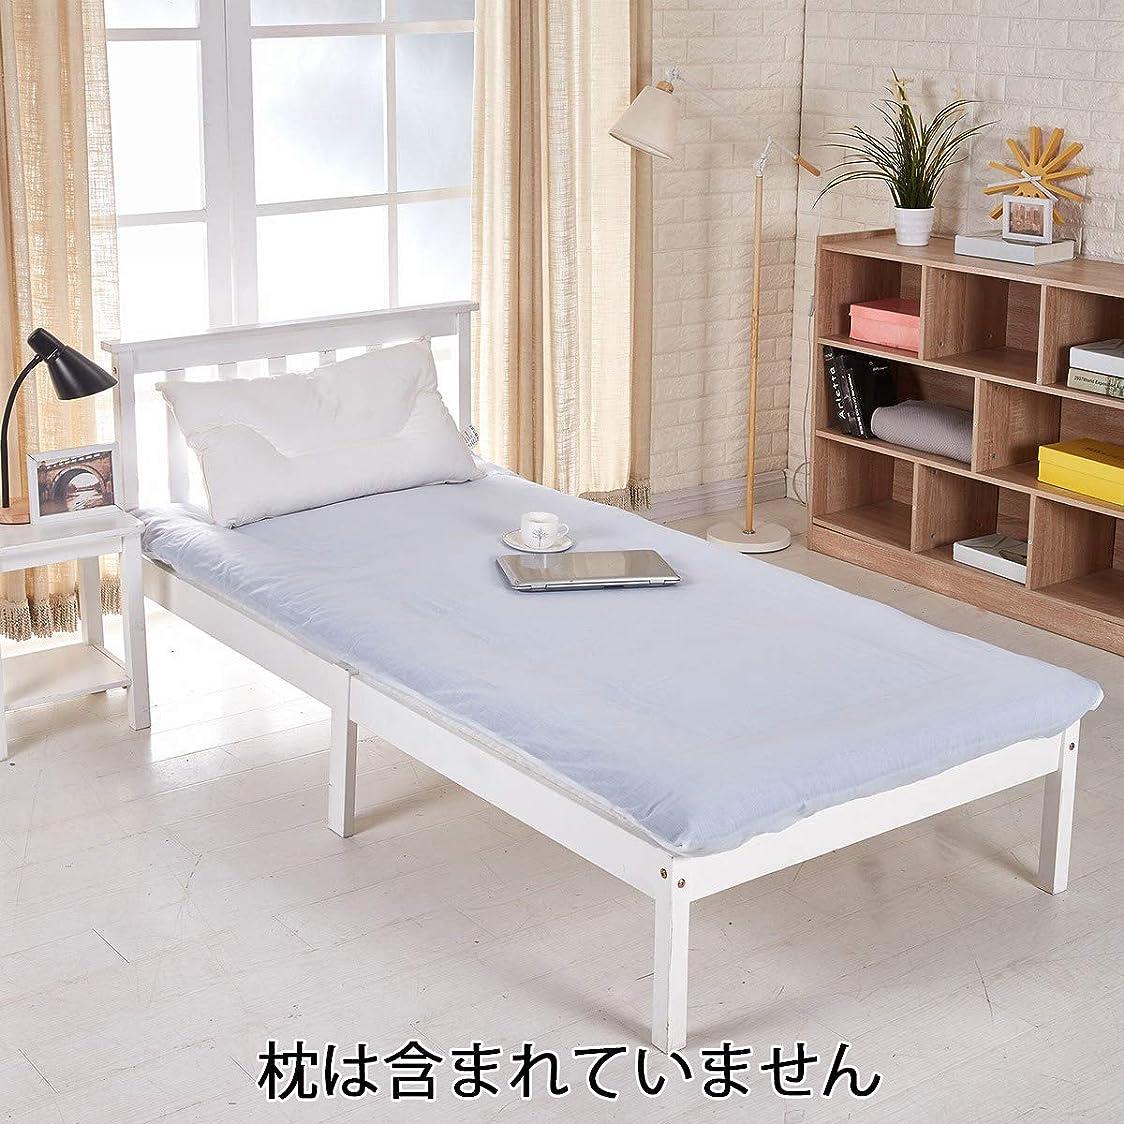 二チューリップ土器敷き布団カバー シングル ポリエステルと綿混織 水洗可 縮まない (ホワイト, 105 x 215 cm)